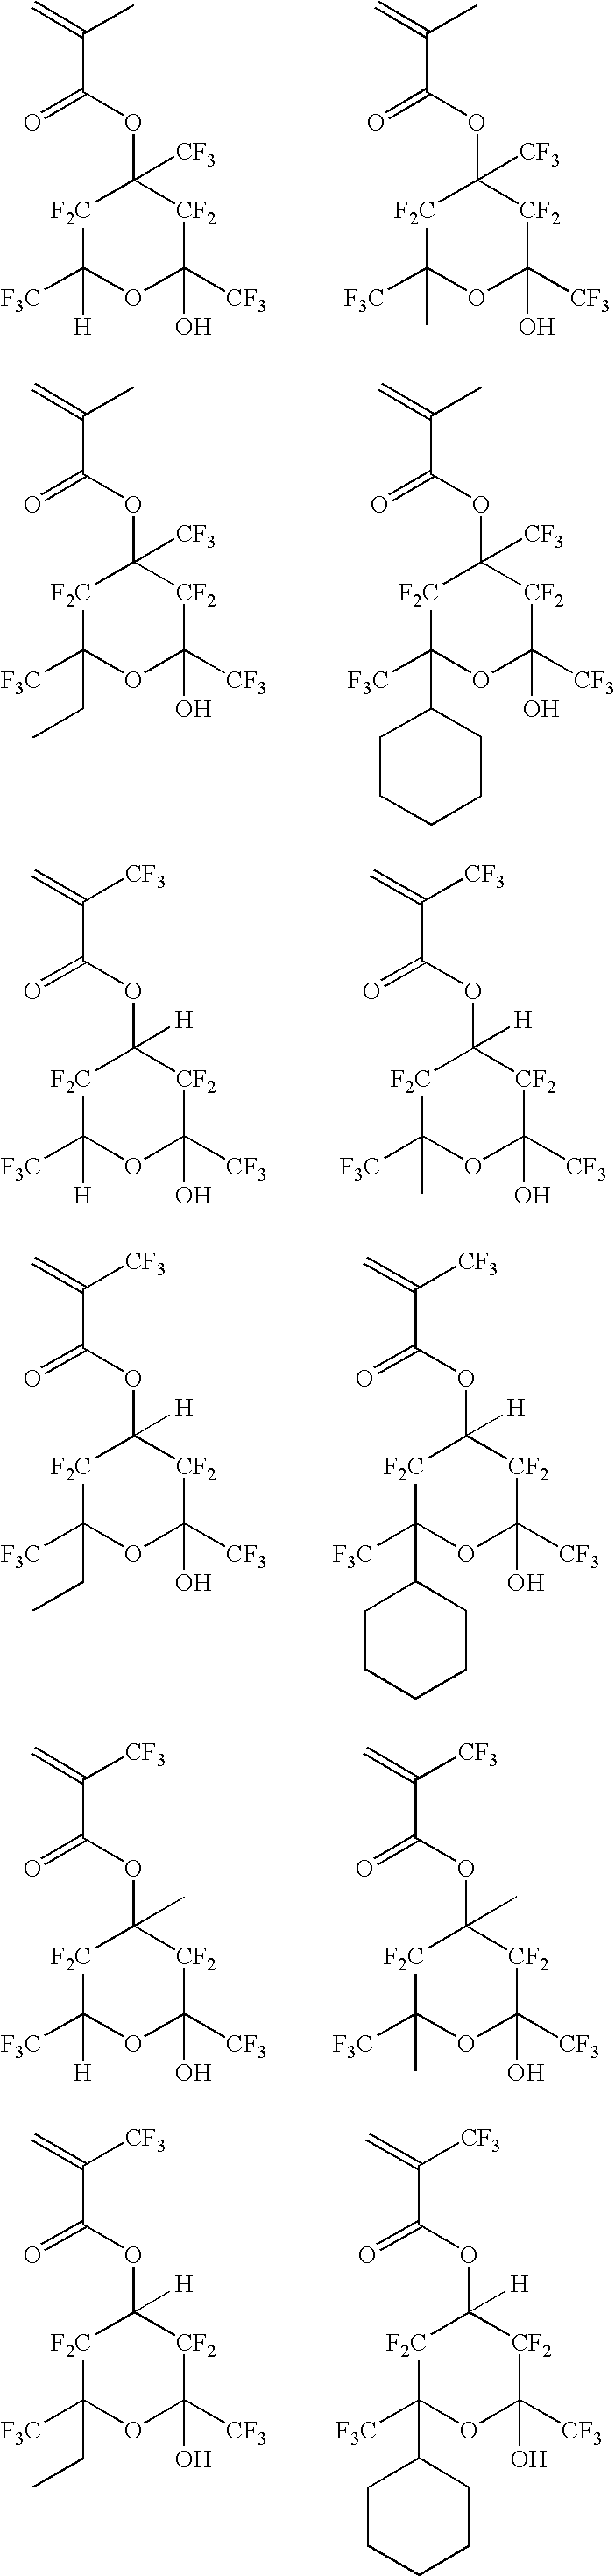 Figure US20060094817A1-20060504-C00016